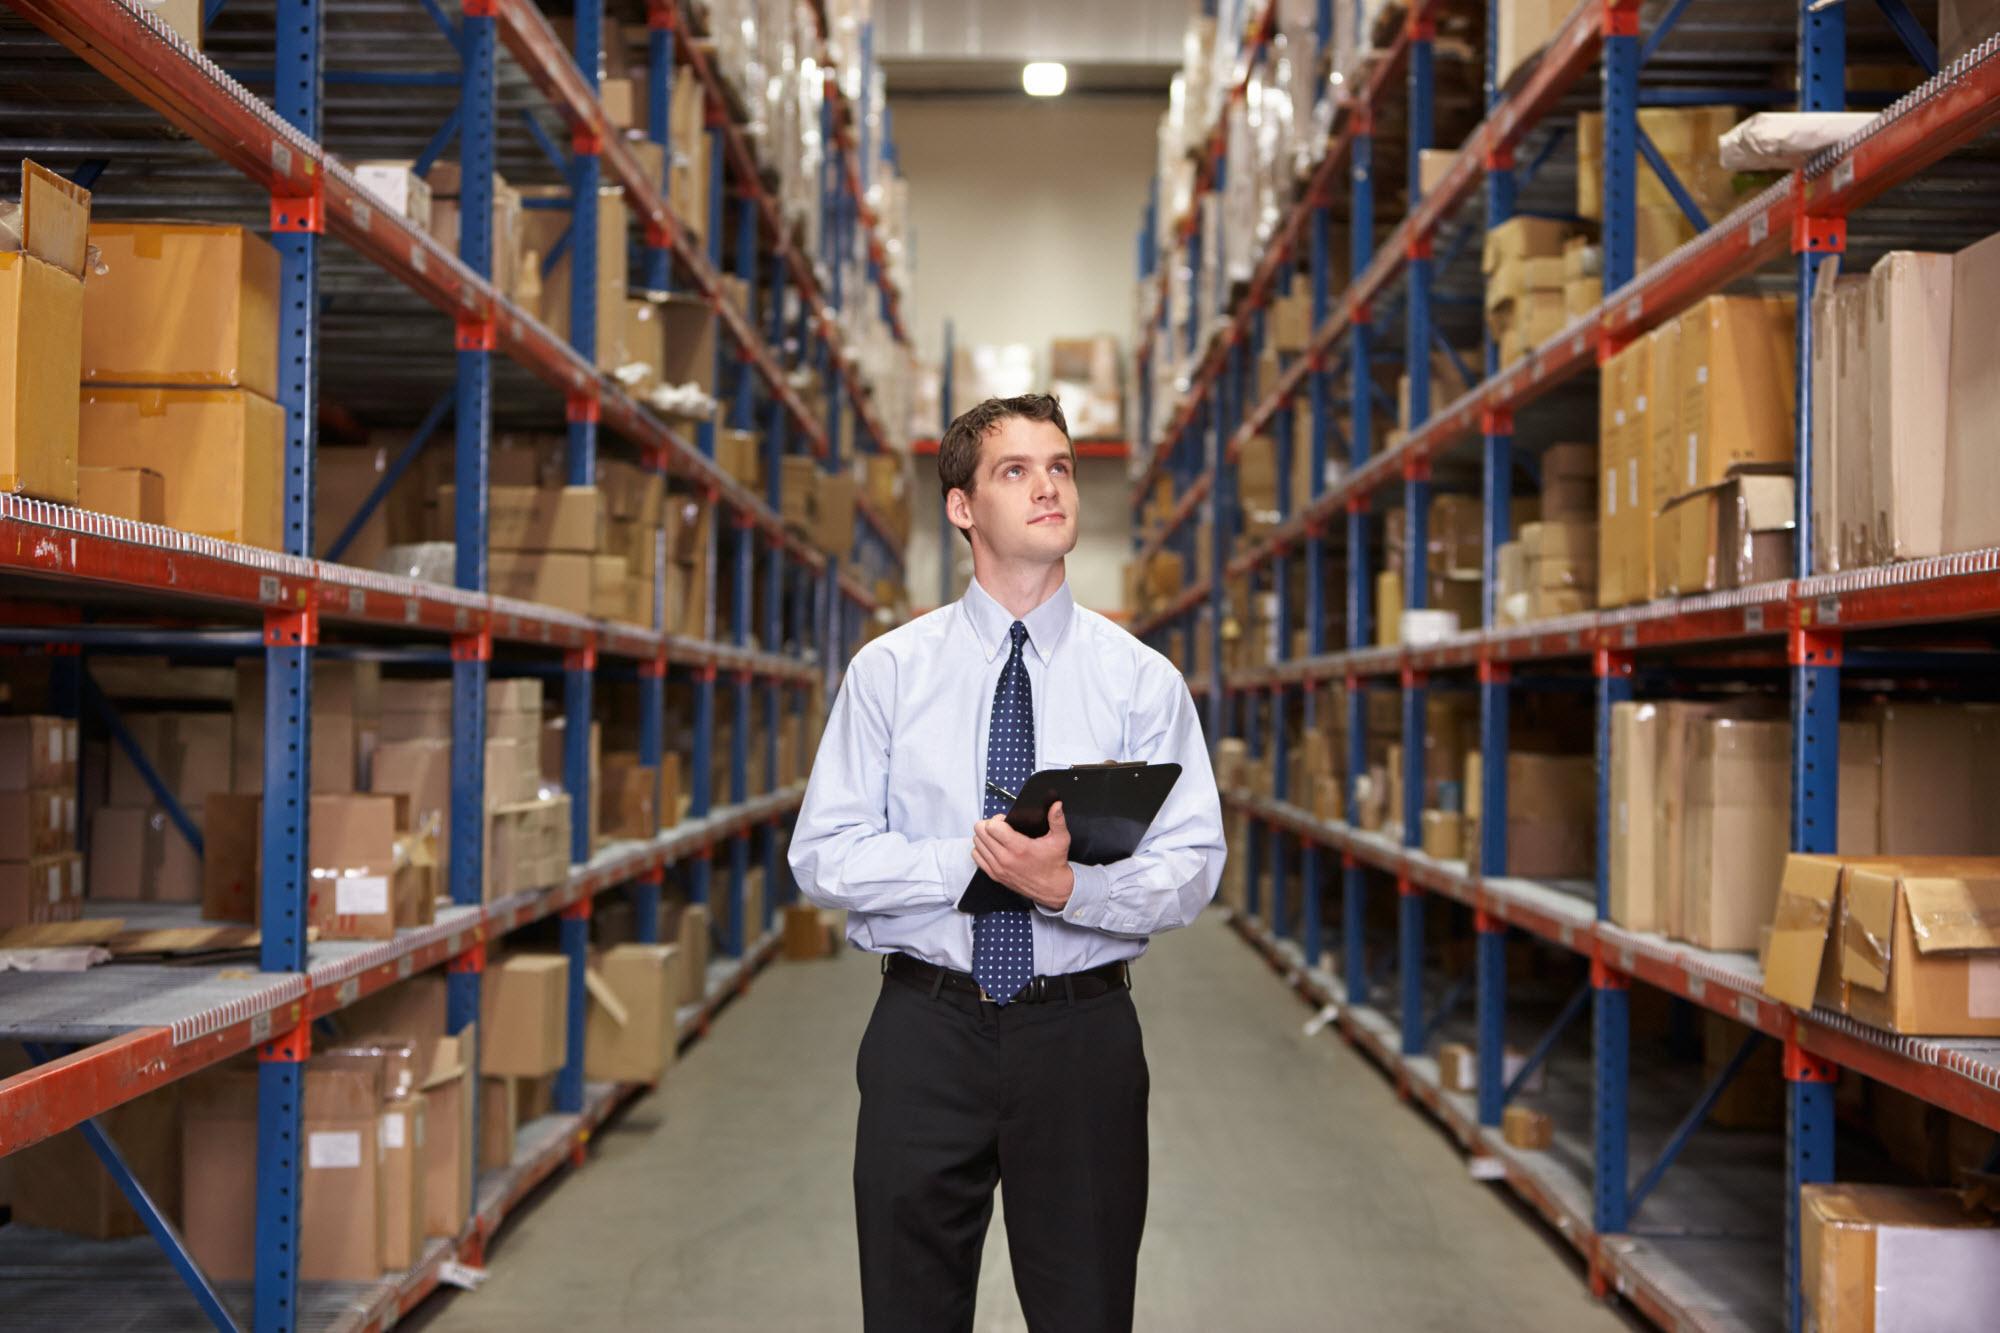 10 lợi ích kệ chứa hàng trong việc quản lý nhà kho 4